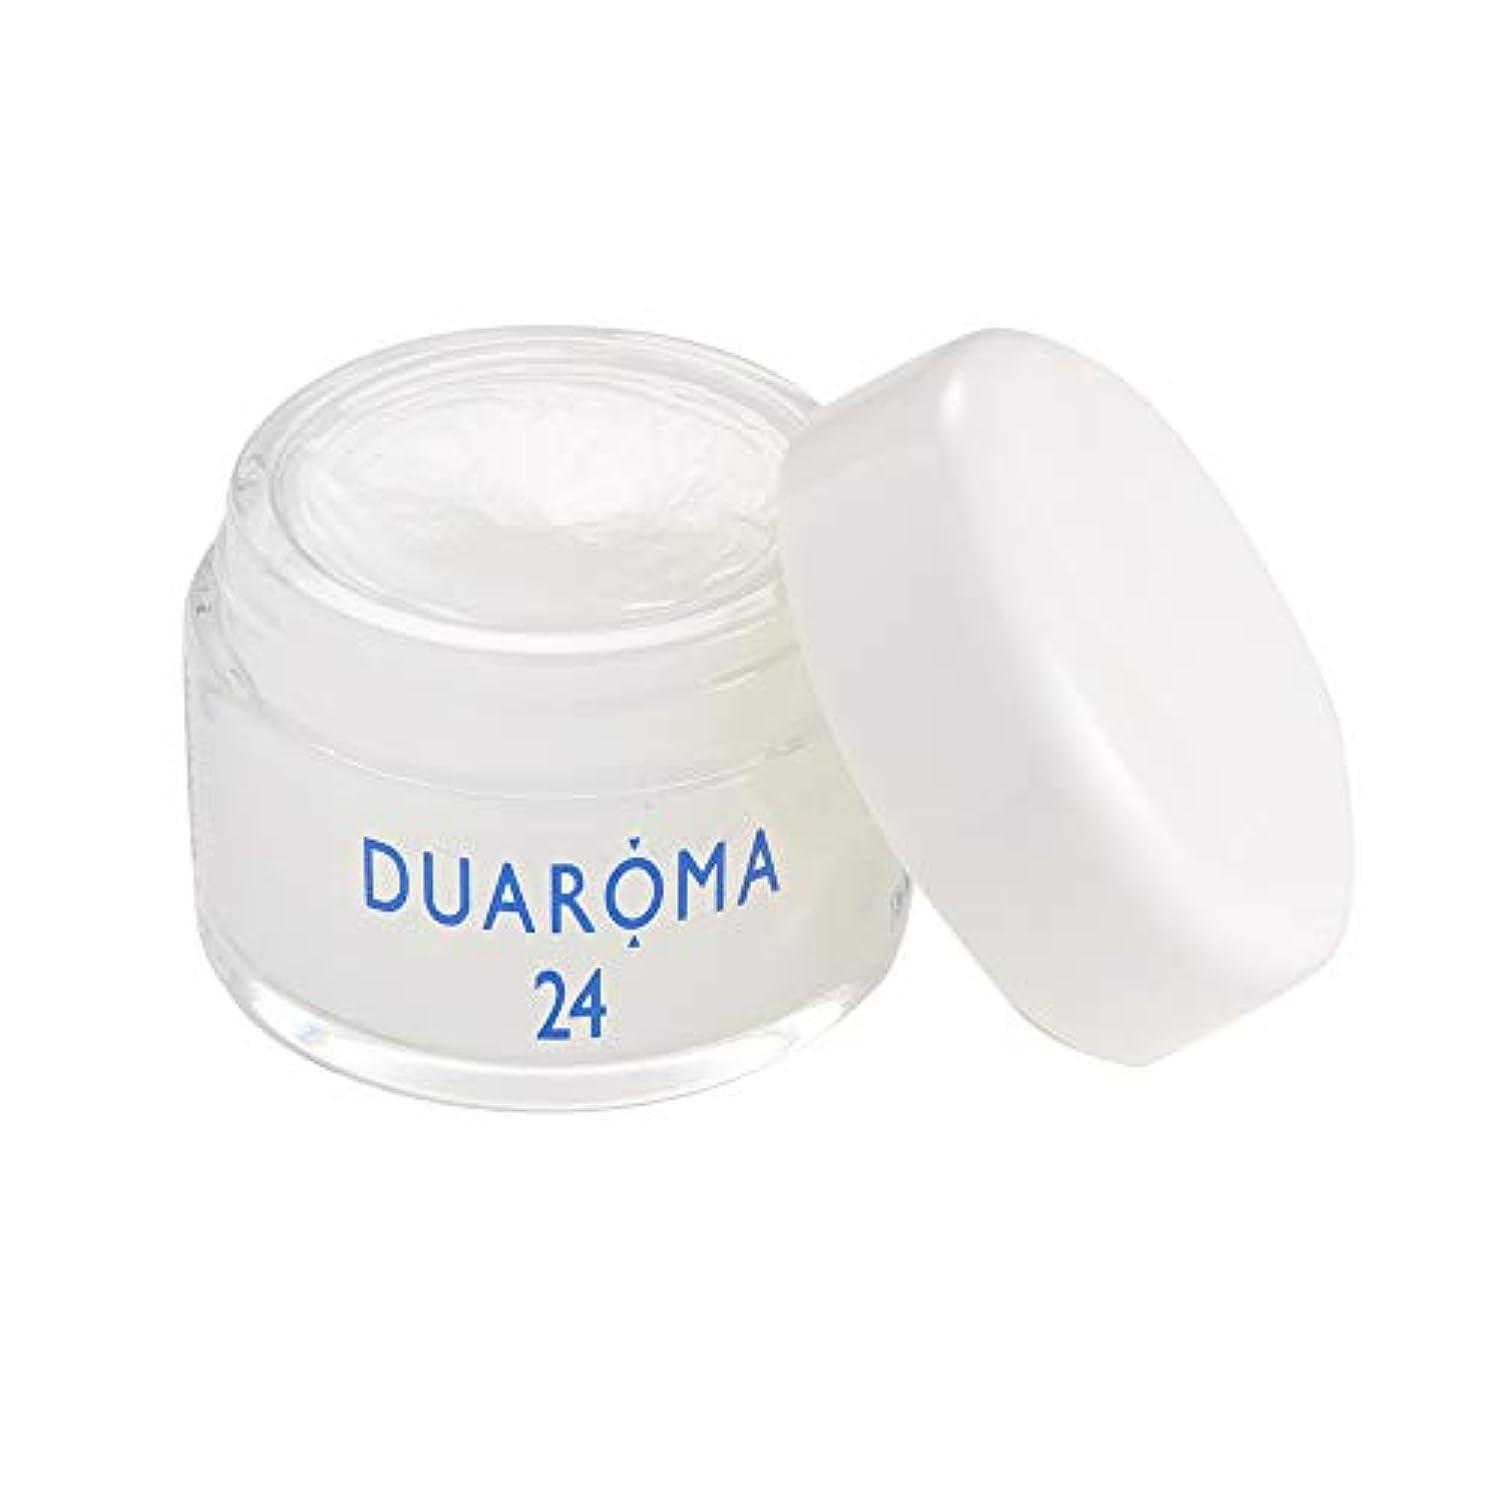 デュアロマ24 薬用ハーブクリーム 40g (1個)